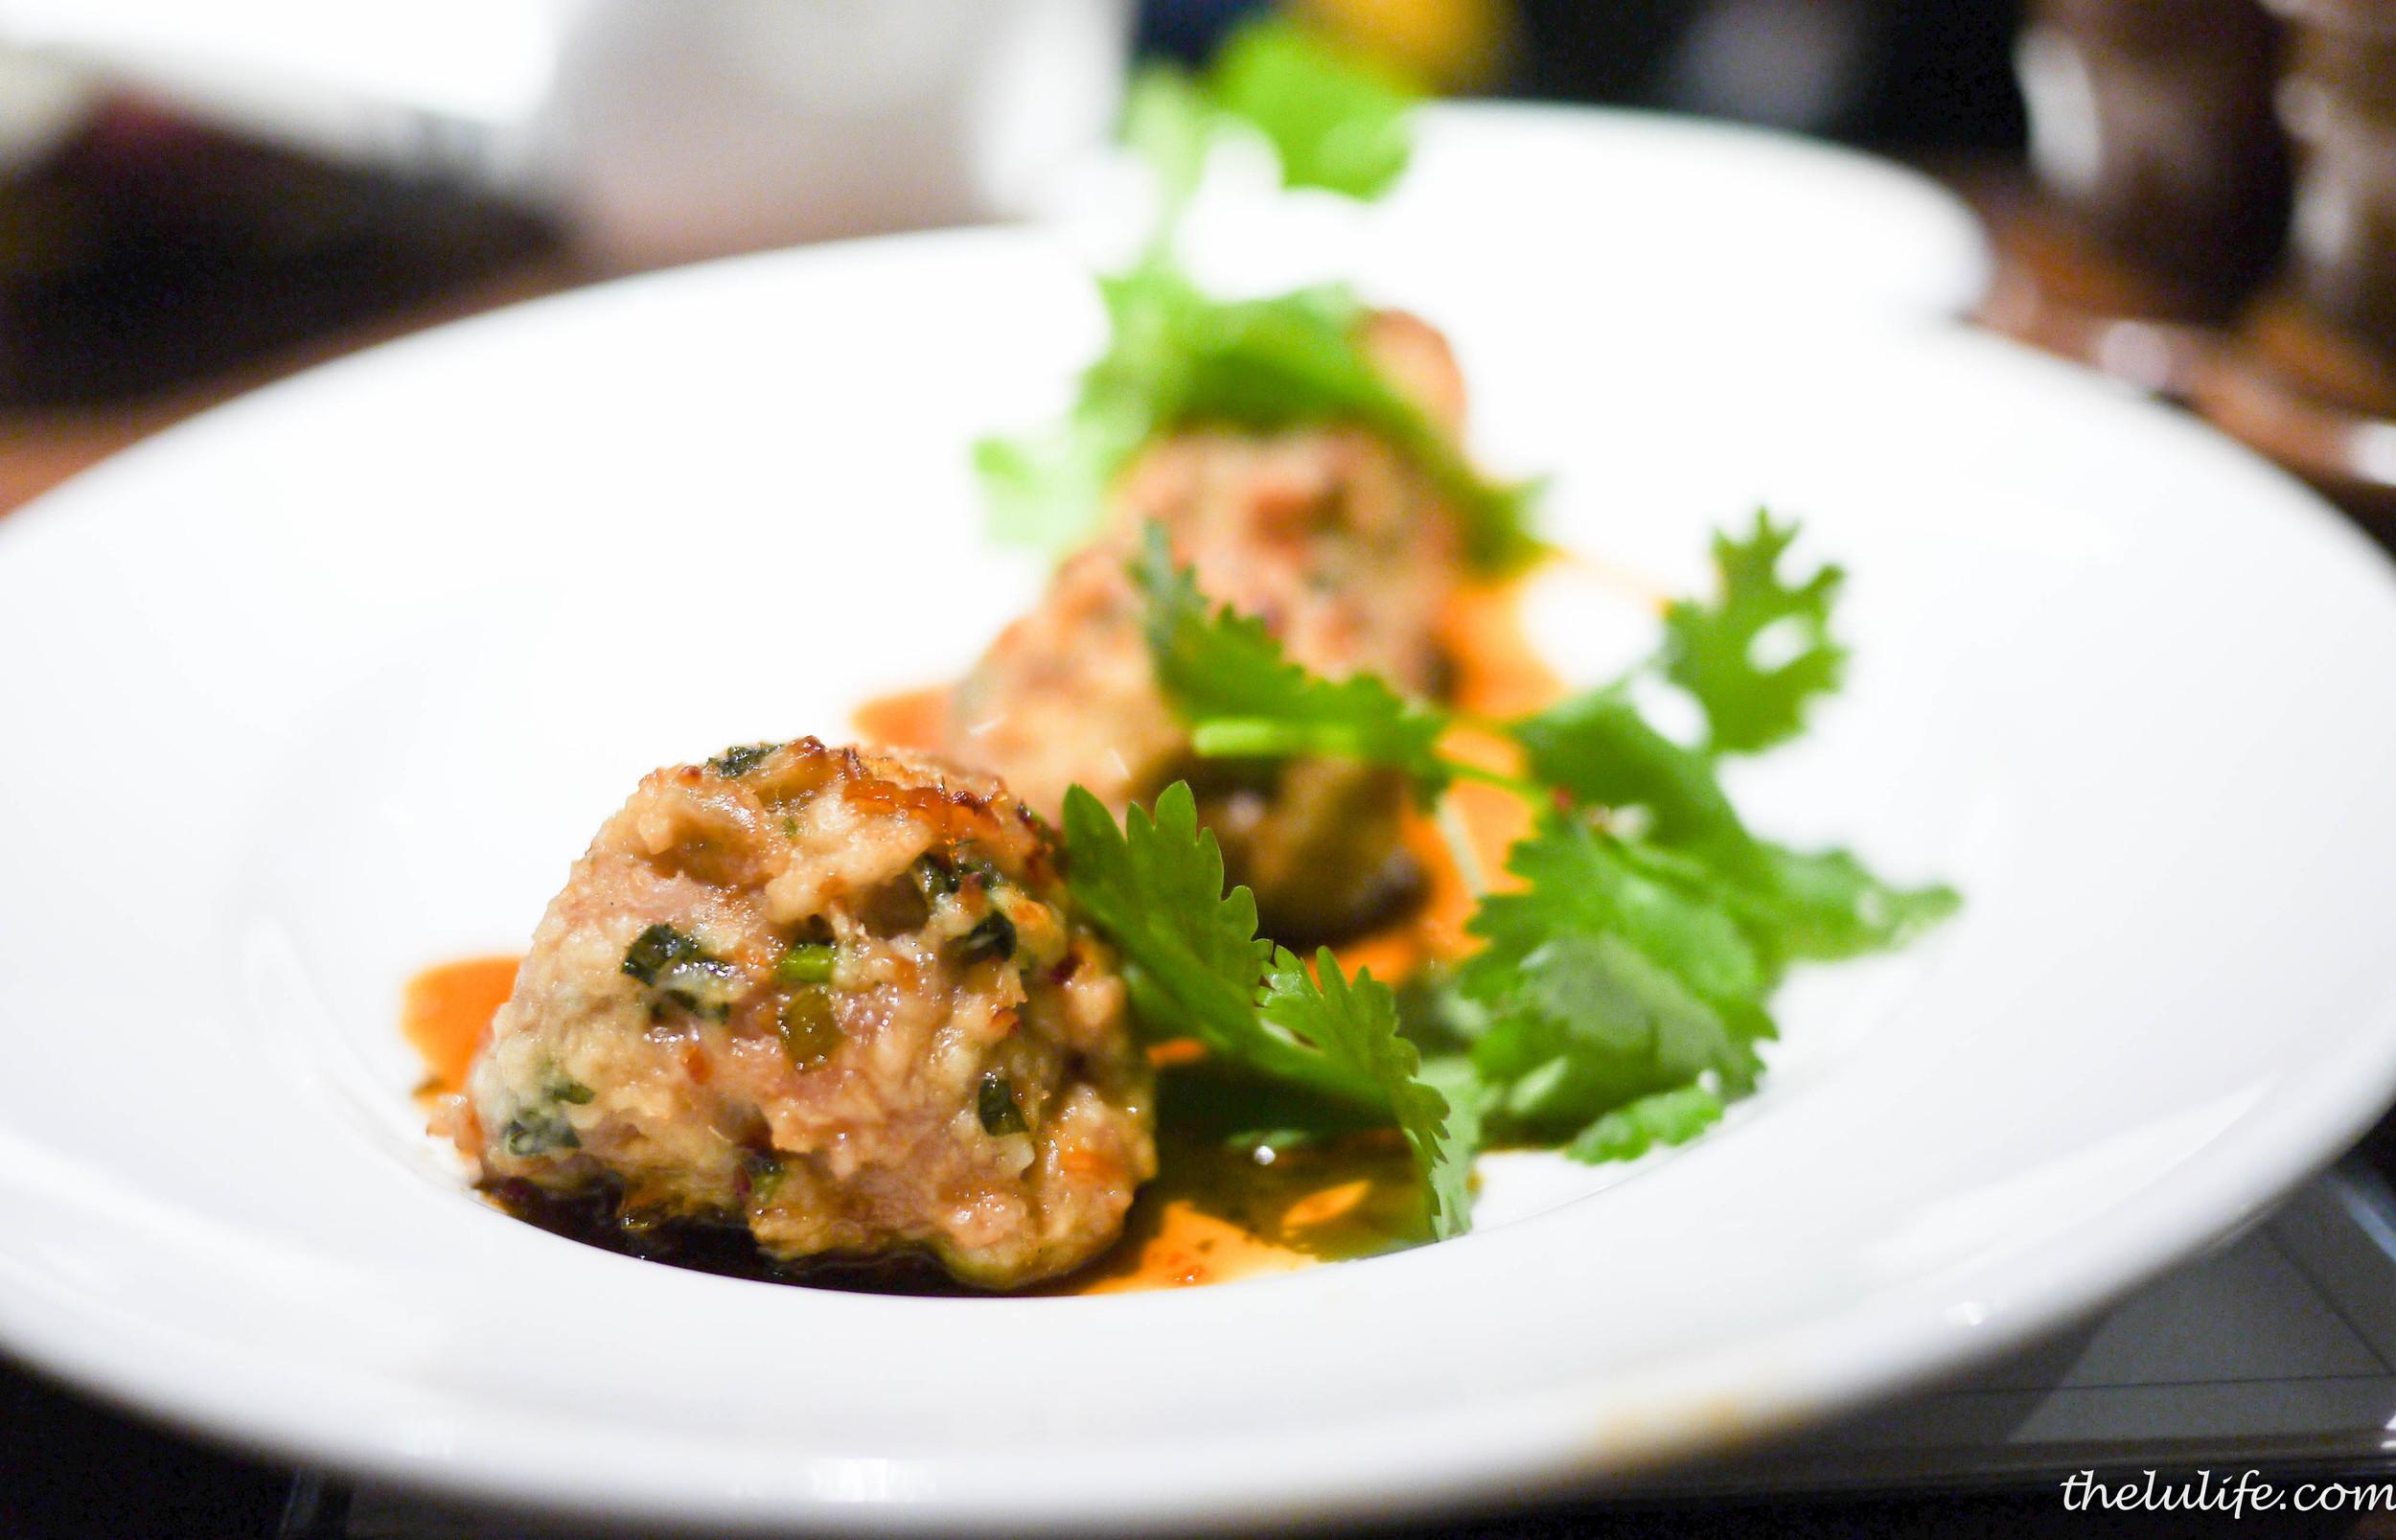 Tsukune in chili cilantro sauce